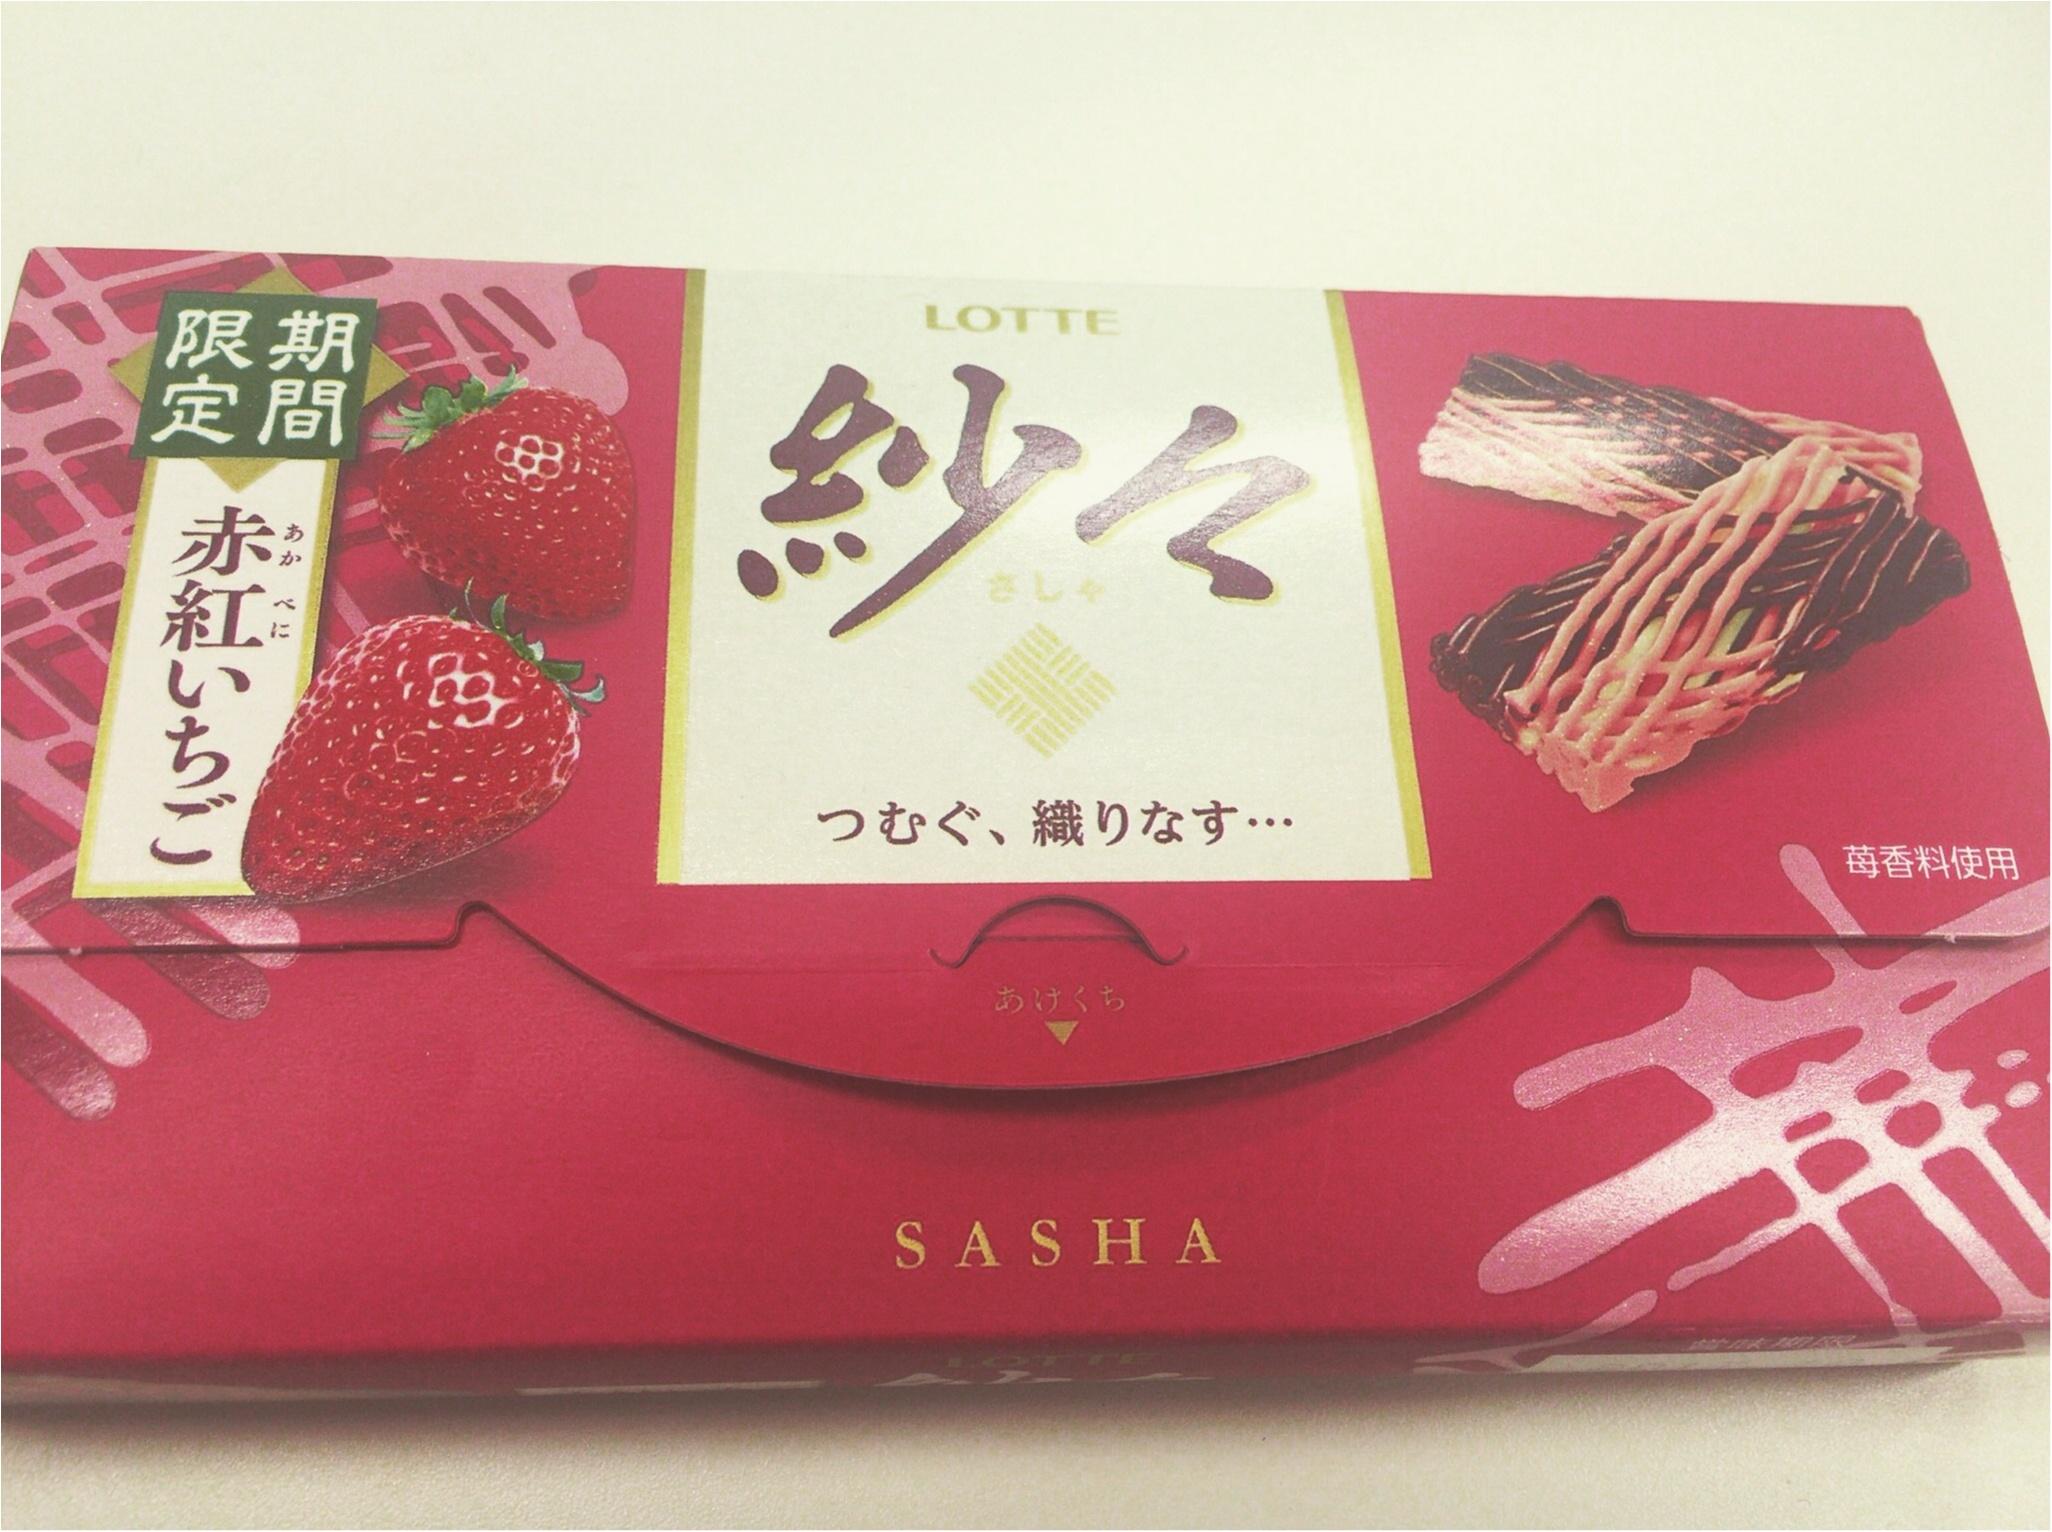 【チョコ】パリパリっとした食感が楽しい『紗々』に≪赤紅いちご≫が新登場♡♡_1